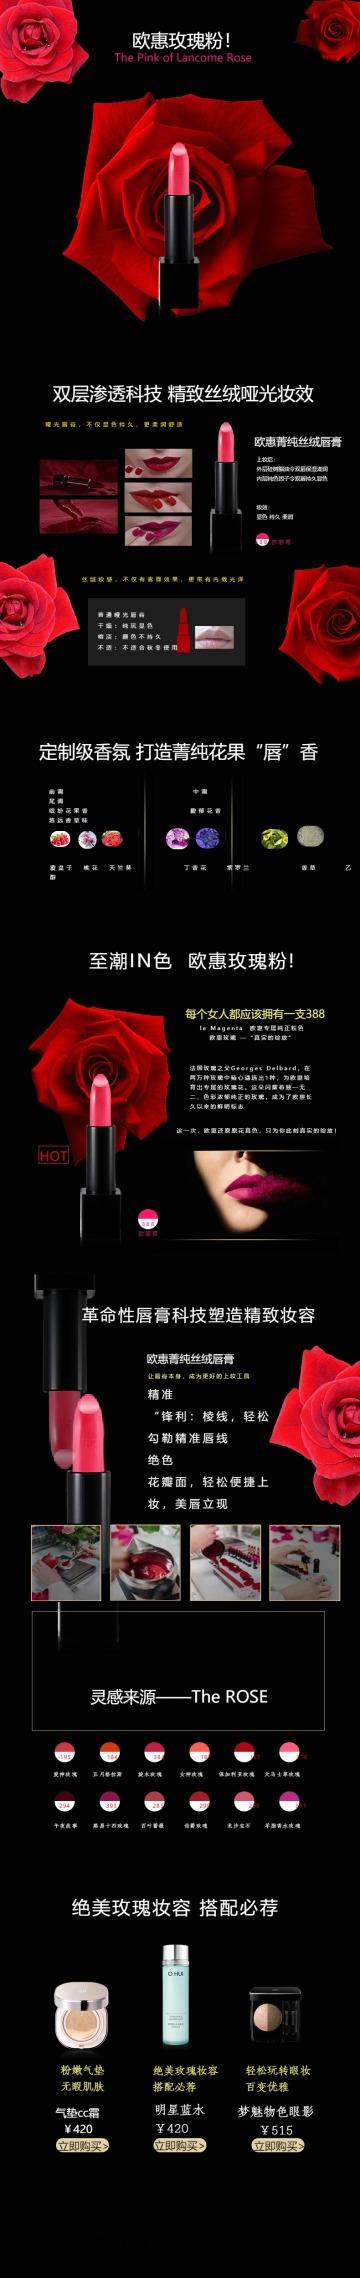 时尚精致美妆口红电商详情图